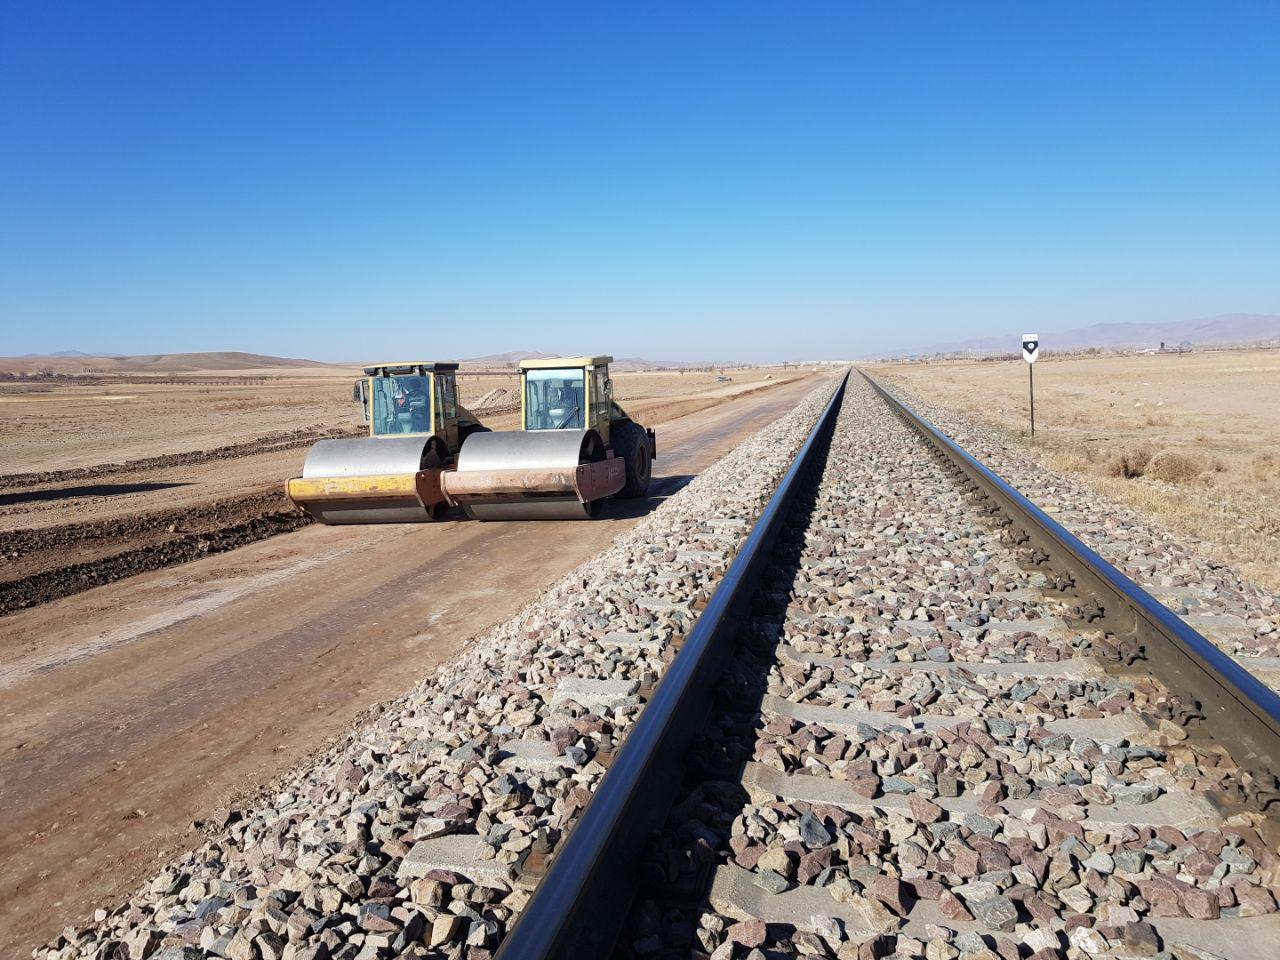 اتصال ریلی مرکز به غرب کشور با پروژه راه آهن اراک اصفهان / پروژه خط راه آهن اراک-اصفهان به فاز دوم رسید